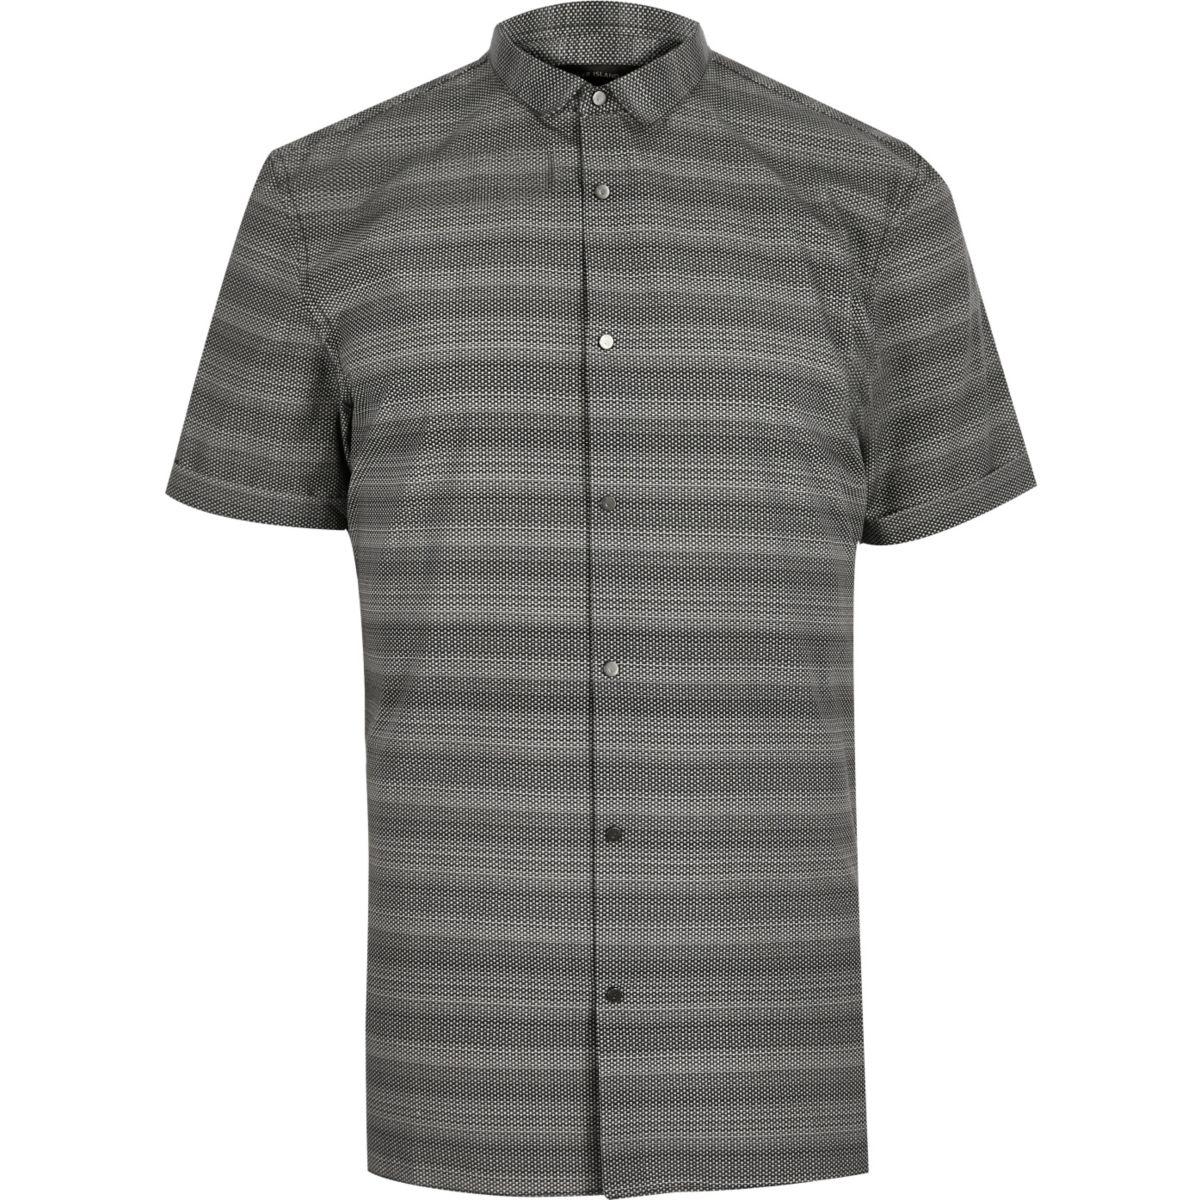 Chemise rayée grise cintrée